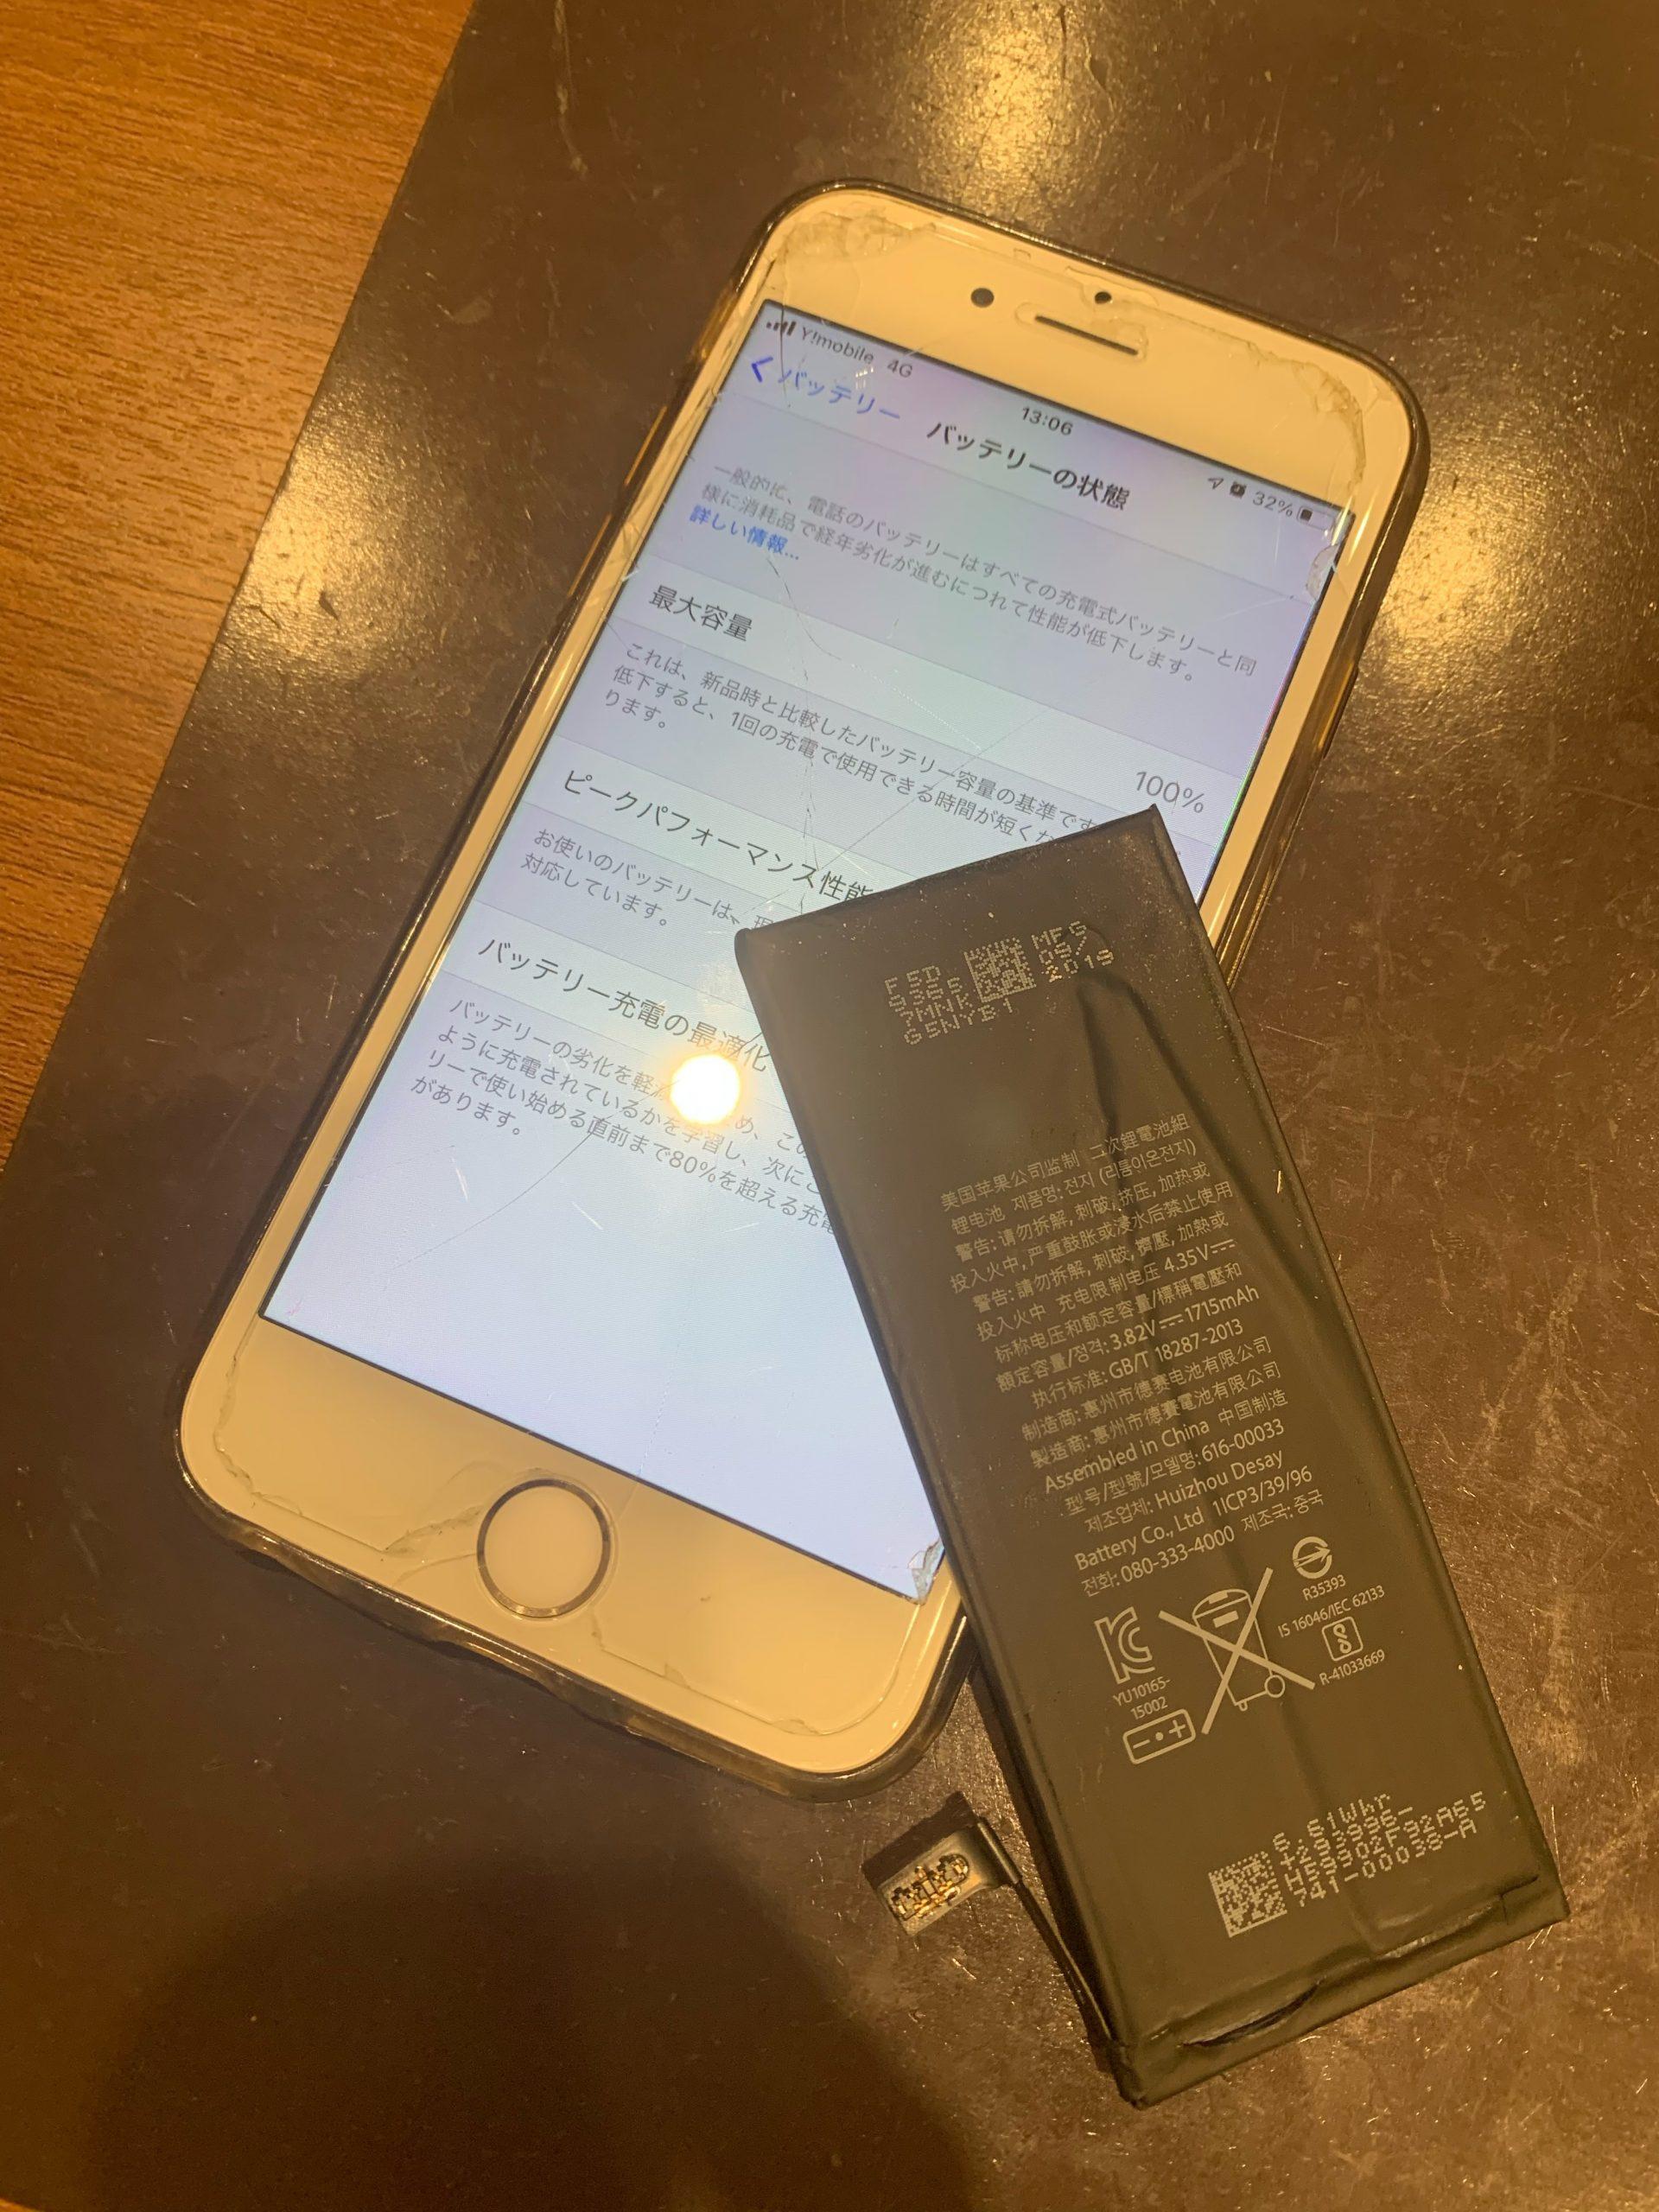 バッテリーが劣化してしまって電源が付かない・・・。/iPhone6 バッテリー交換【兵庫区よりお越しのお客様】